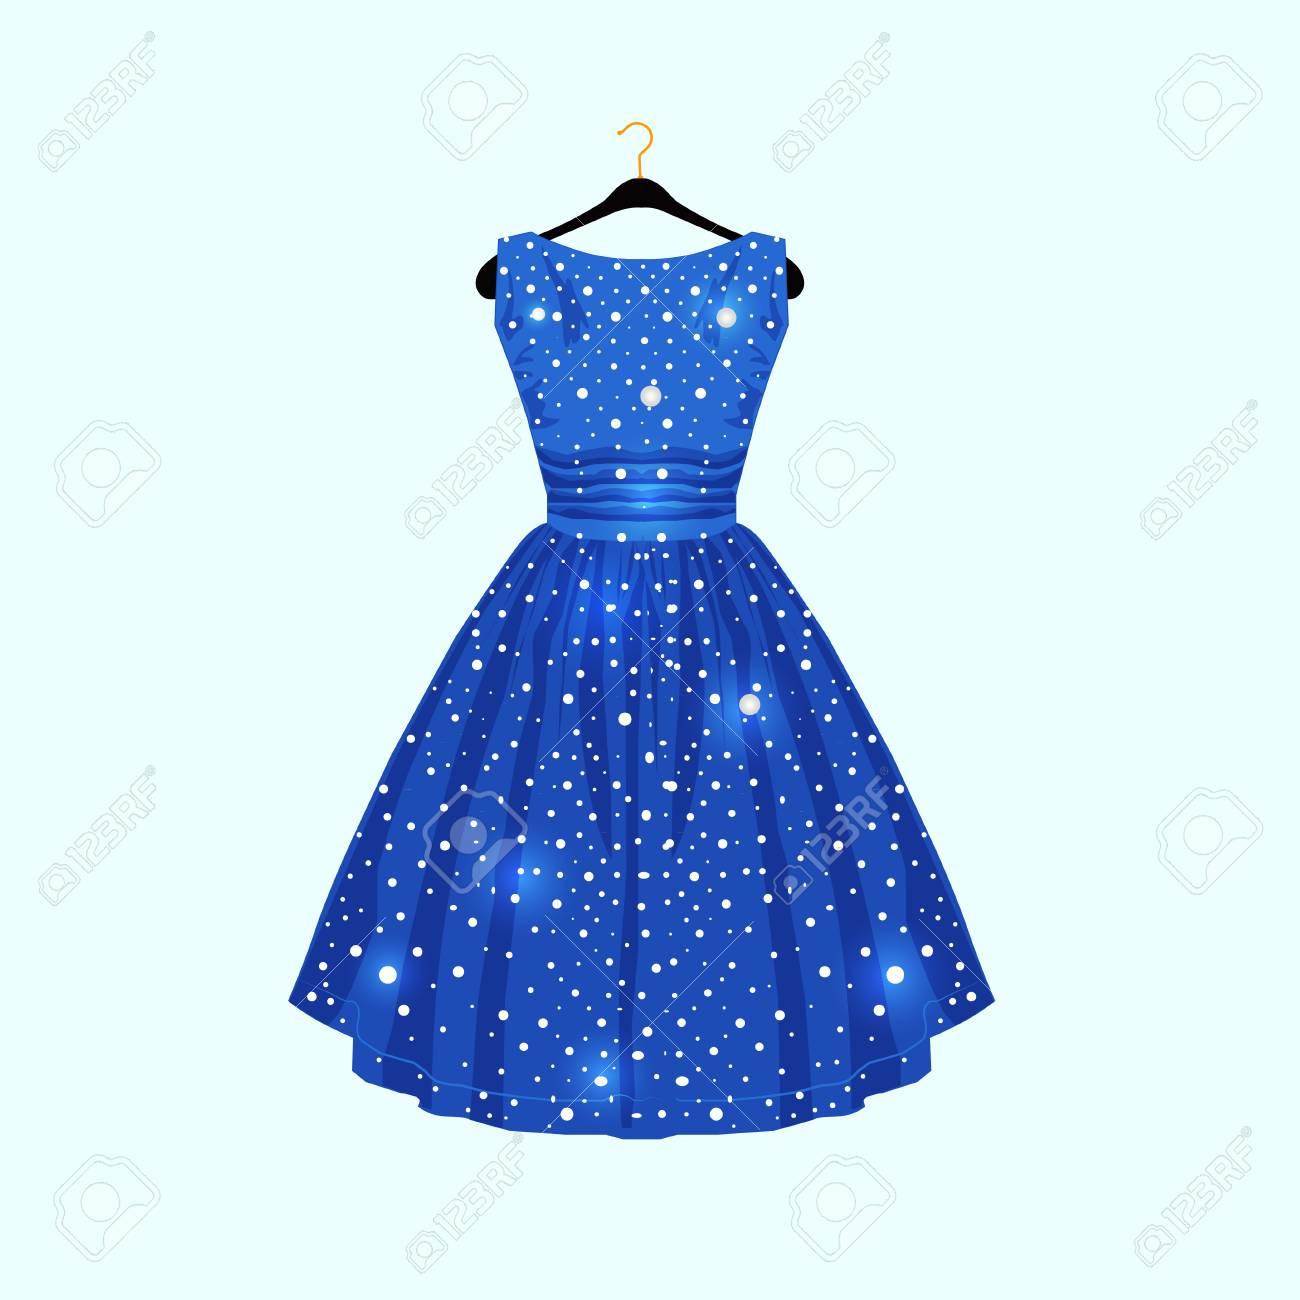 Formal Einfach Blaues Kleid Mit Punkten Galerie13 Elegant Blaues Kleid Mit Punkten Bester Preis